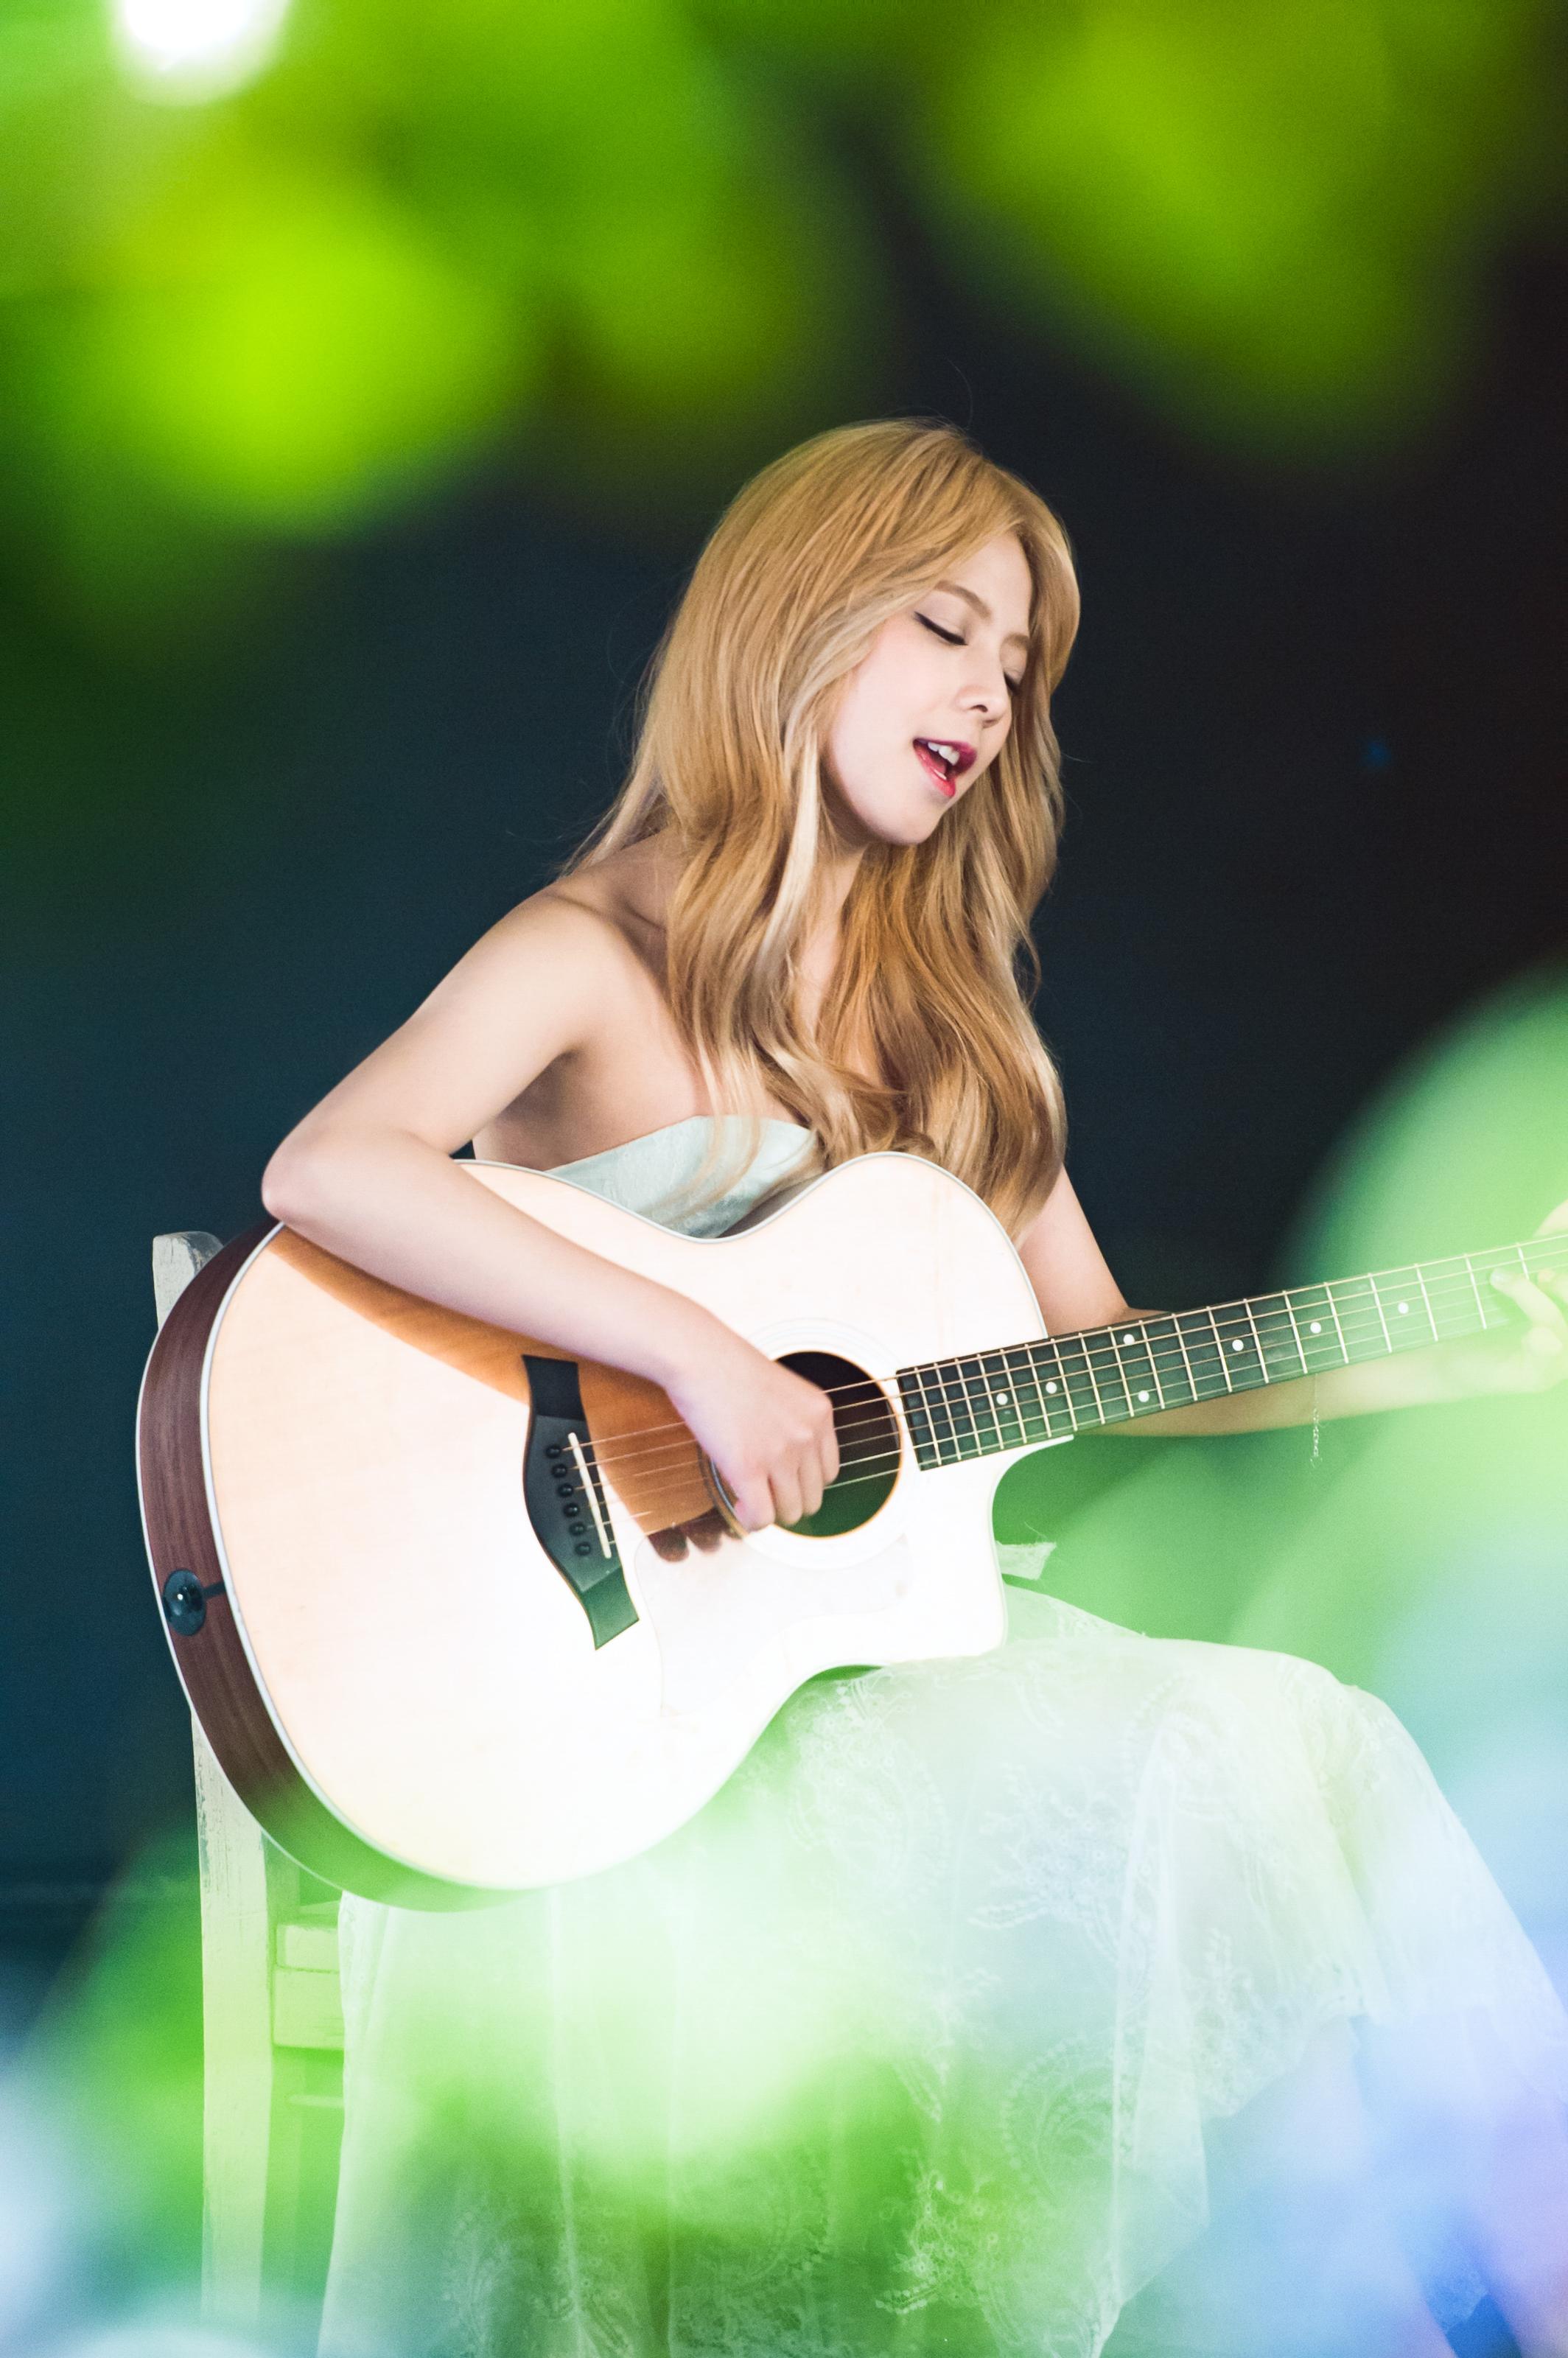 2011年4月先在日本出道的 JUNIEL,於隔年的 6 月也在韓國正式出道,並發行首張迷你專輯《MY FIRST JUNE》,清新的歌聲和自彈自唱的實力,讓她獲得許多人氣和支持。